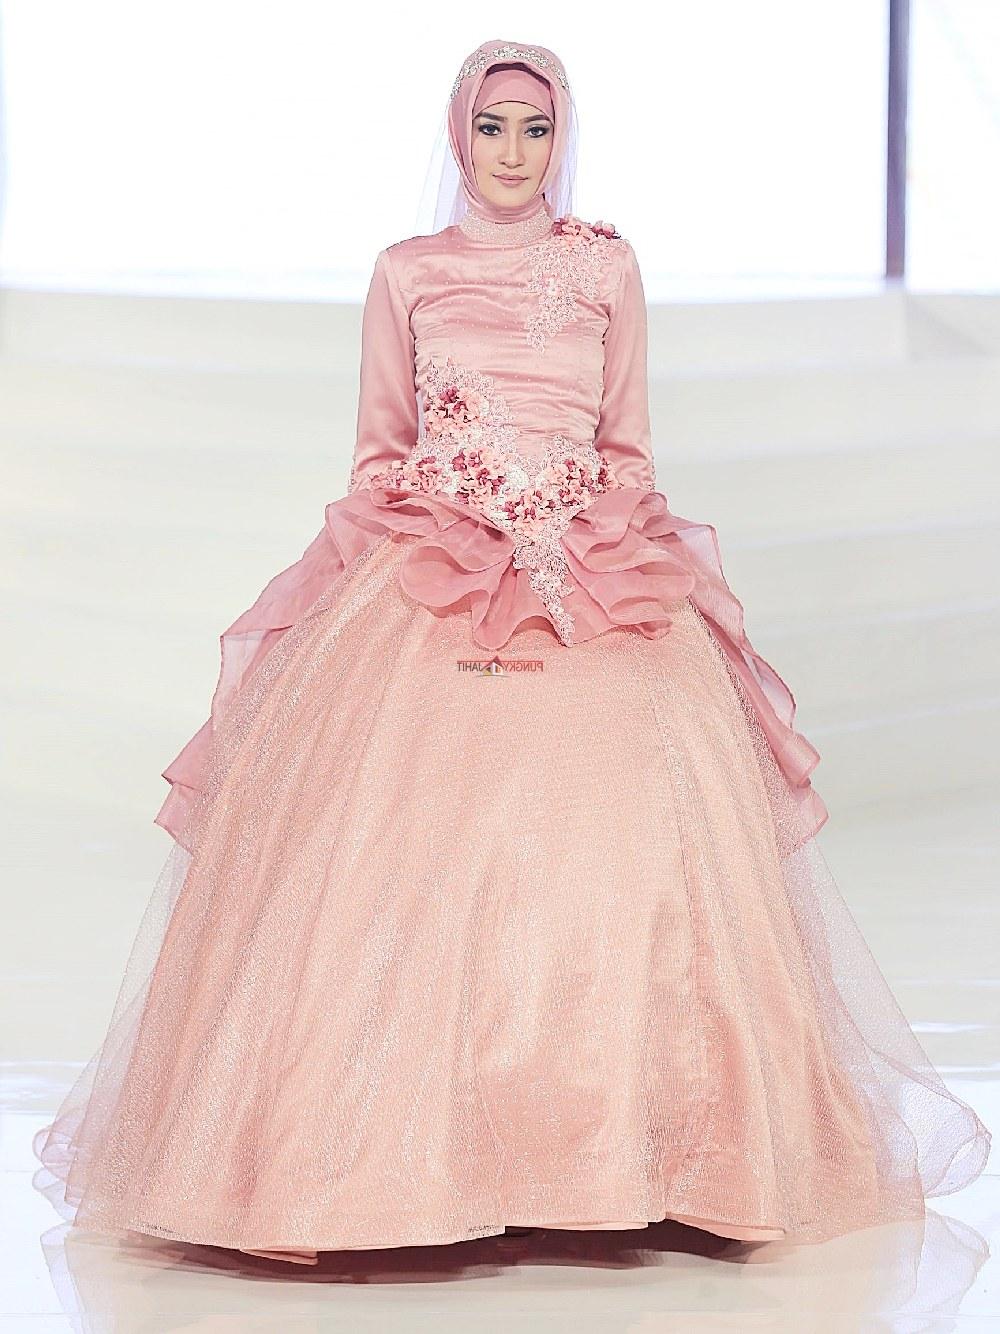 Bentuk Harga Gaun Pengantin Muslimah Syar'i 8ydm Trend Baju Pengantin 2018 Sederhana Modern Dan Cantik